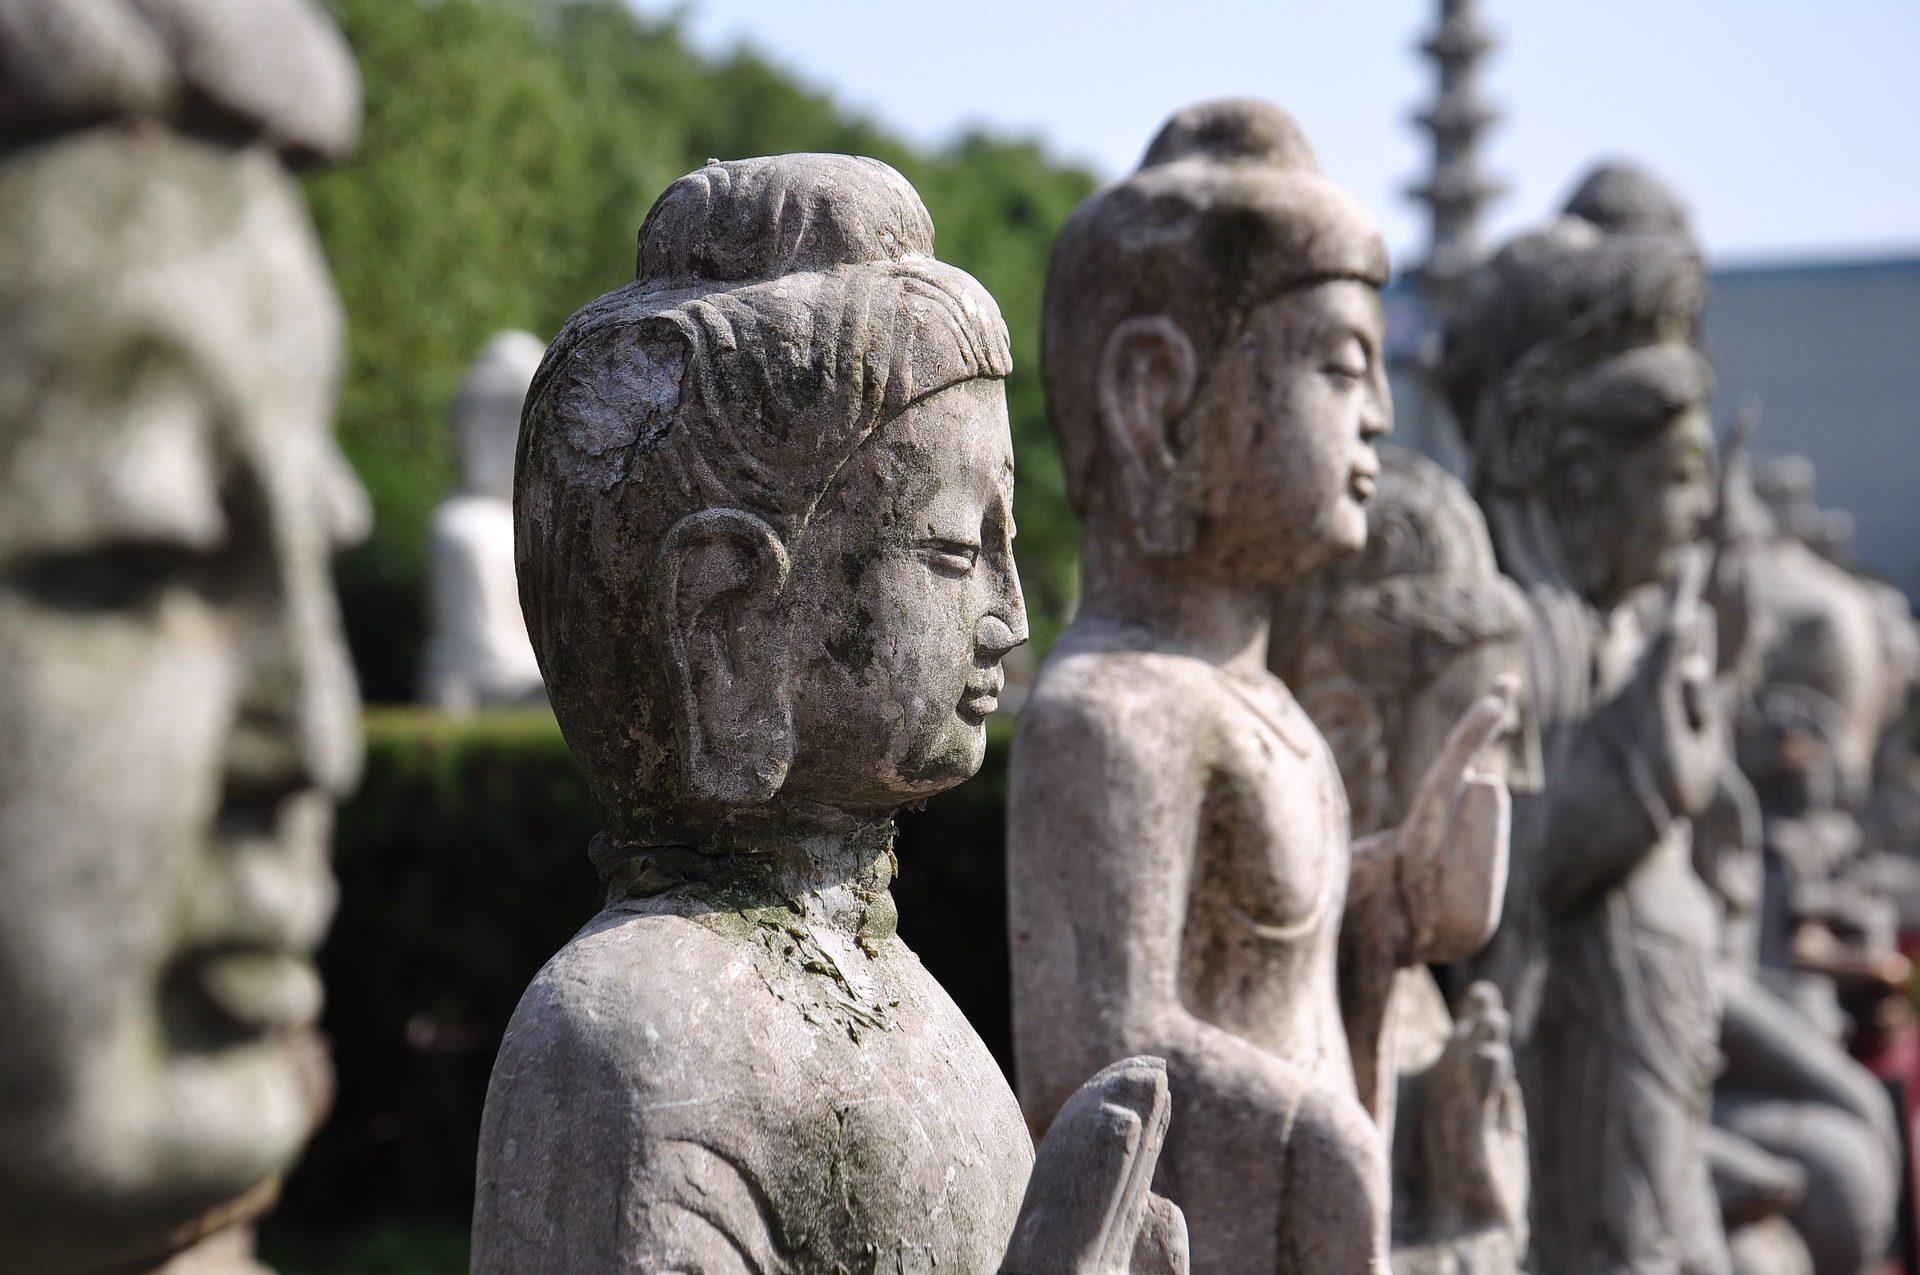 estatuas, buda, piedra, zhou park, china - Fondos de Pantalla HD - professor-falken.com